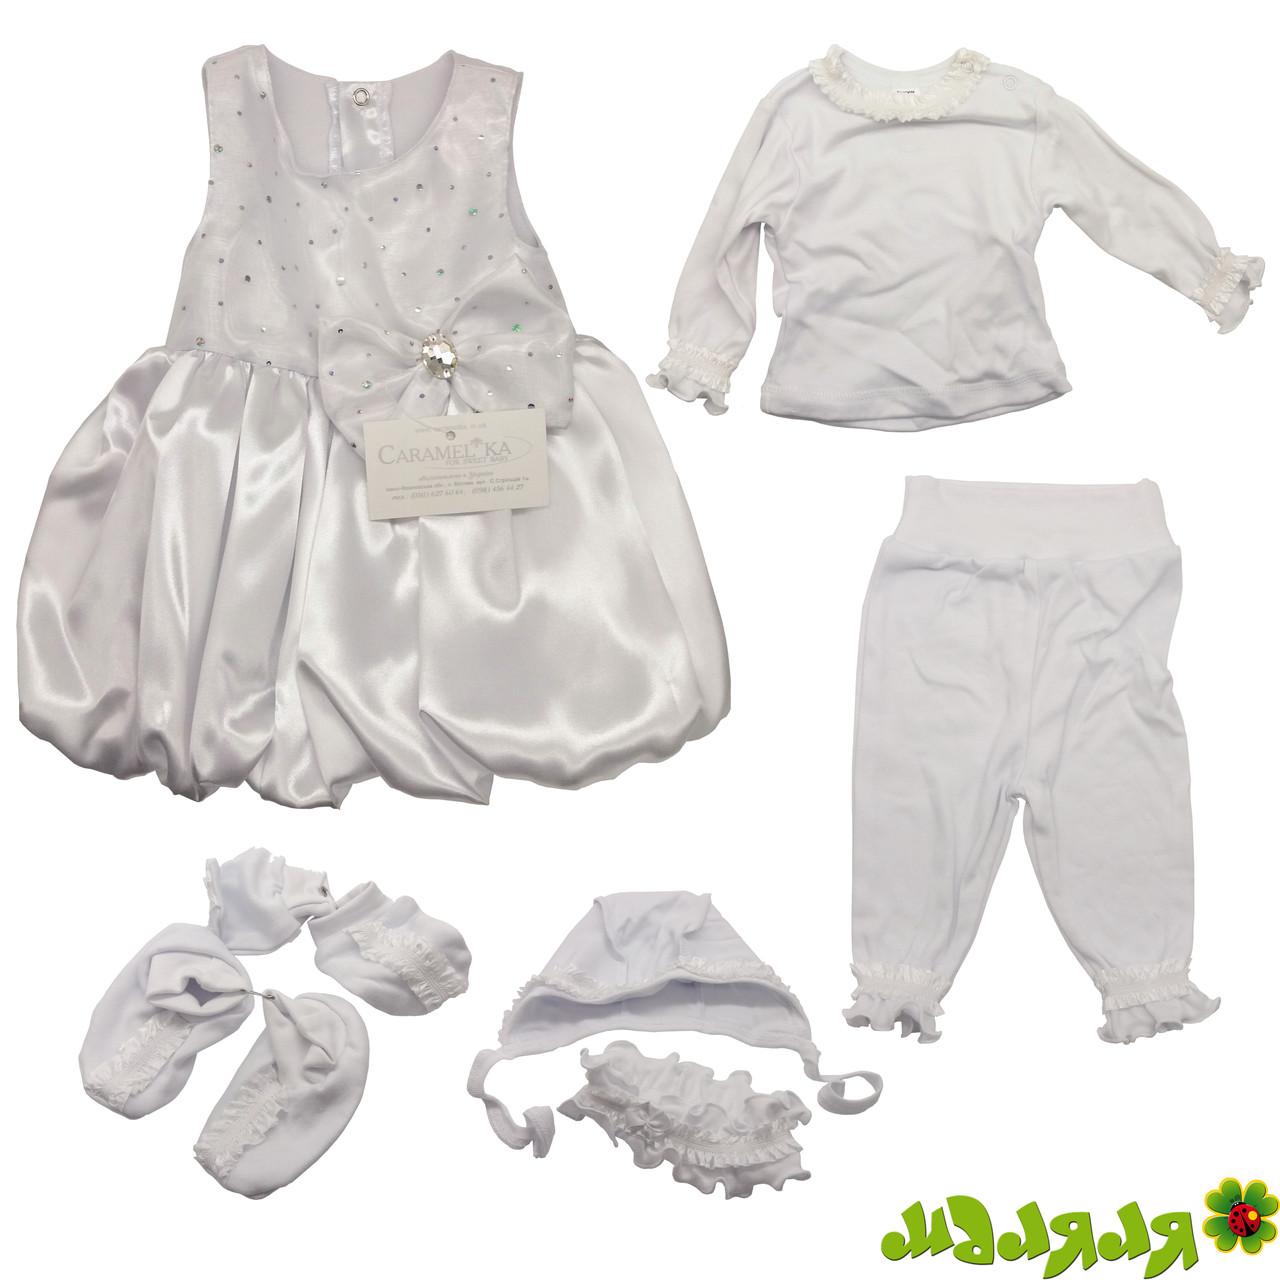 Платье детское праздничное белое р.56 Caramelka 07 КС 27.01